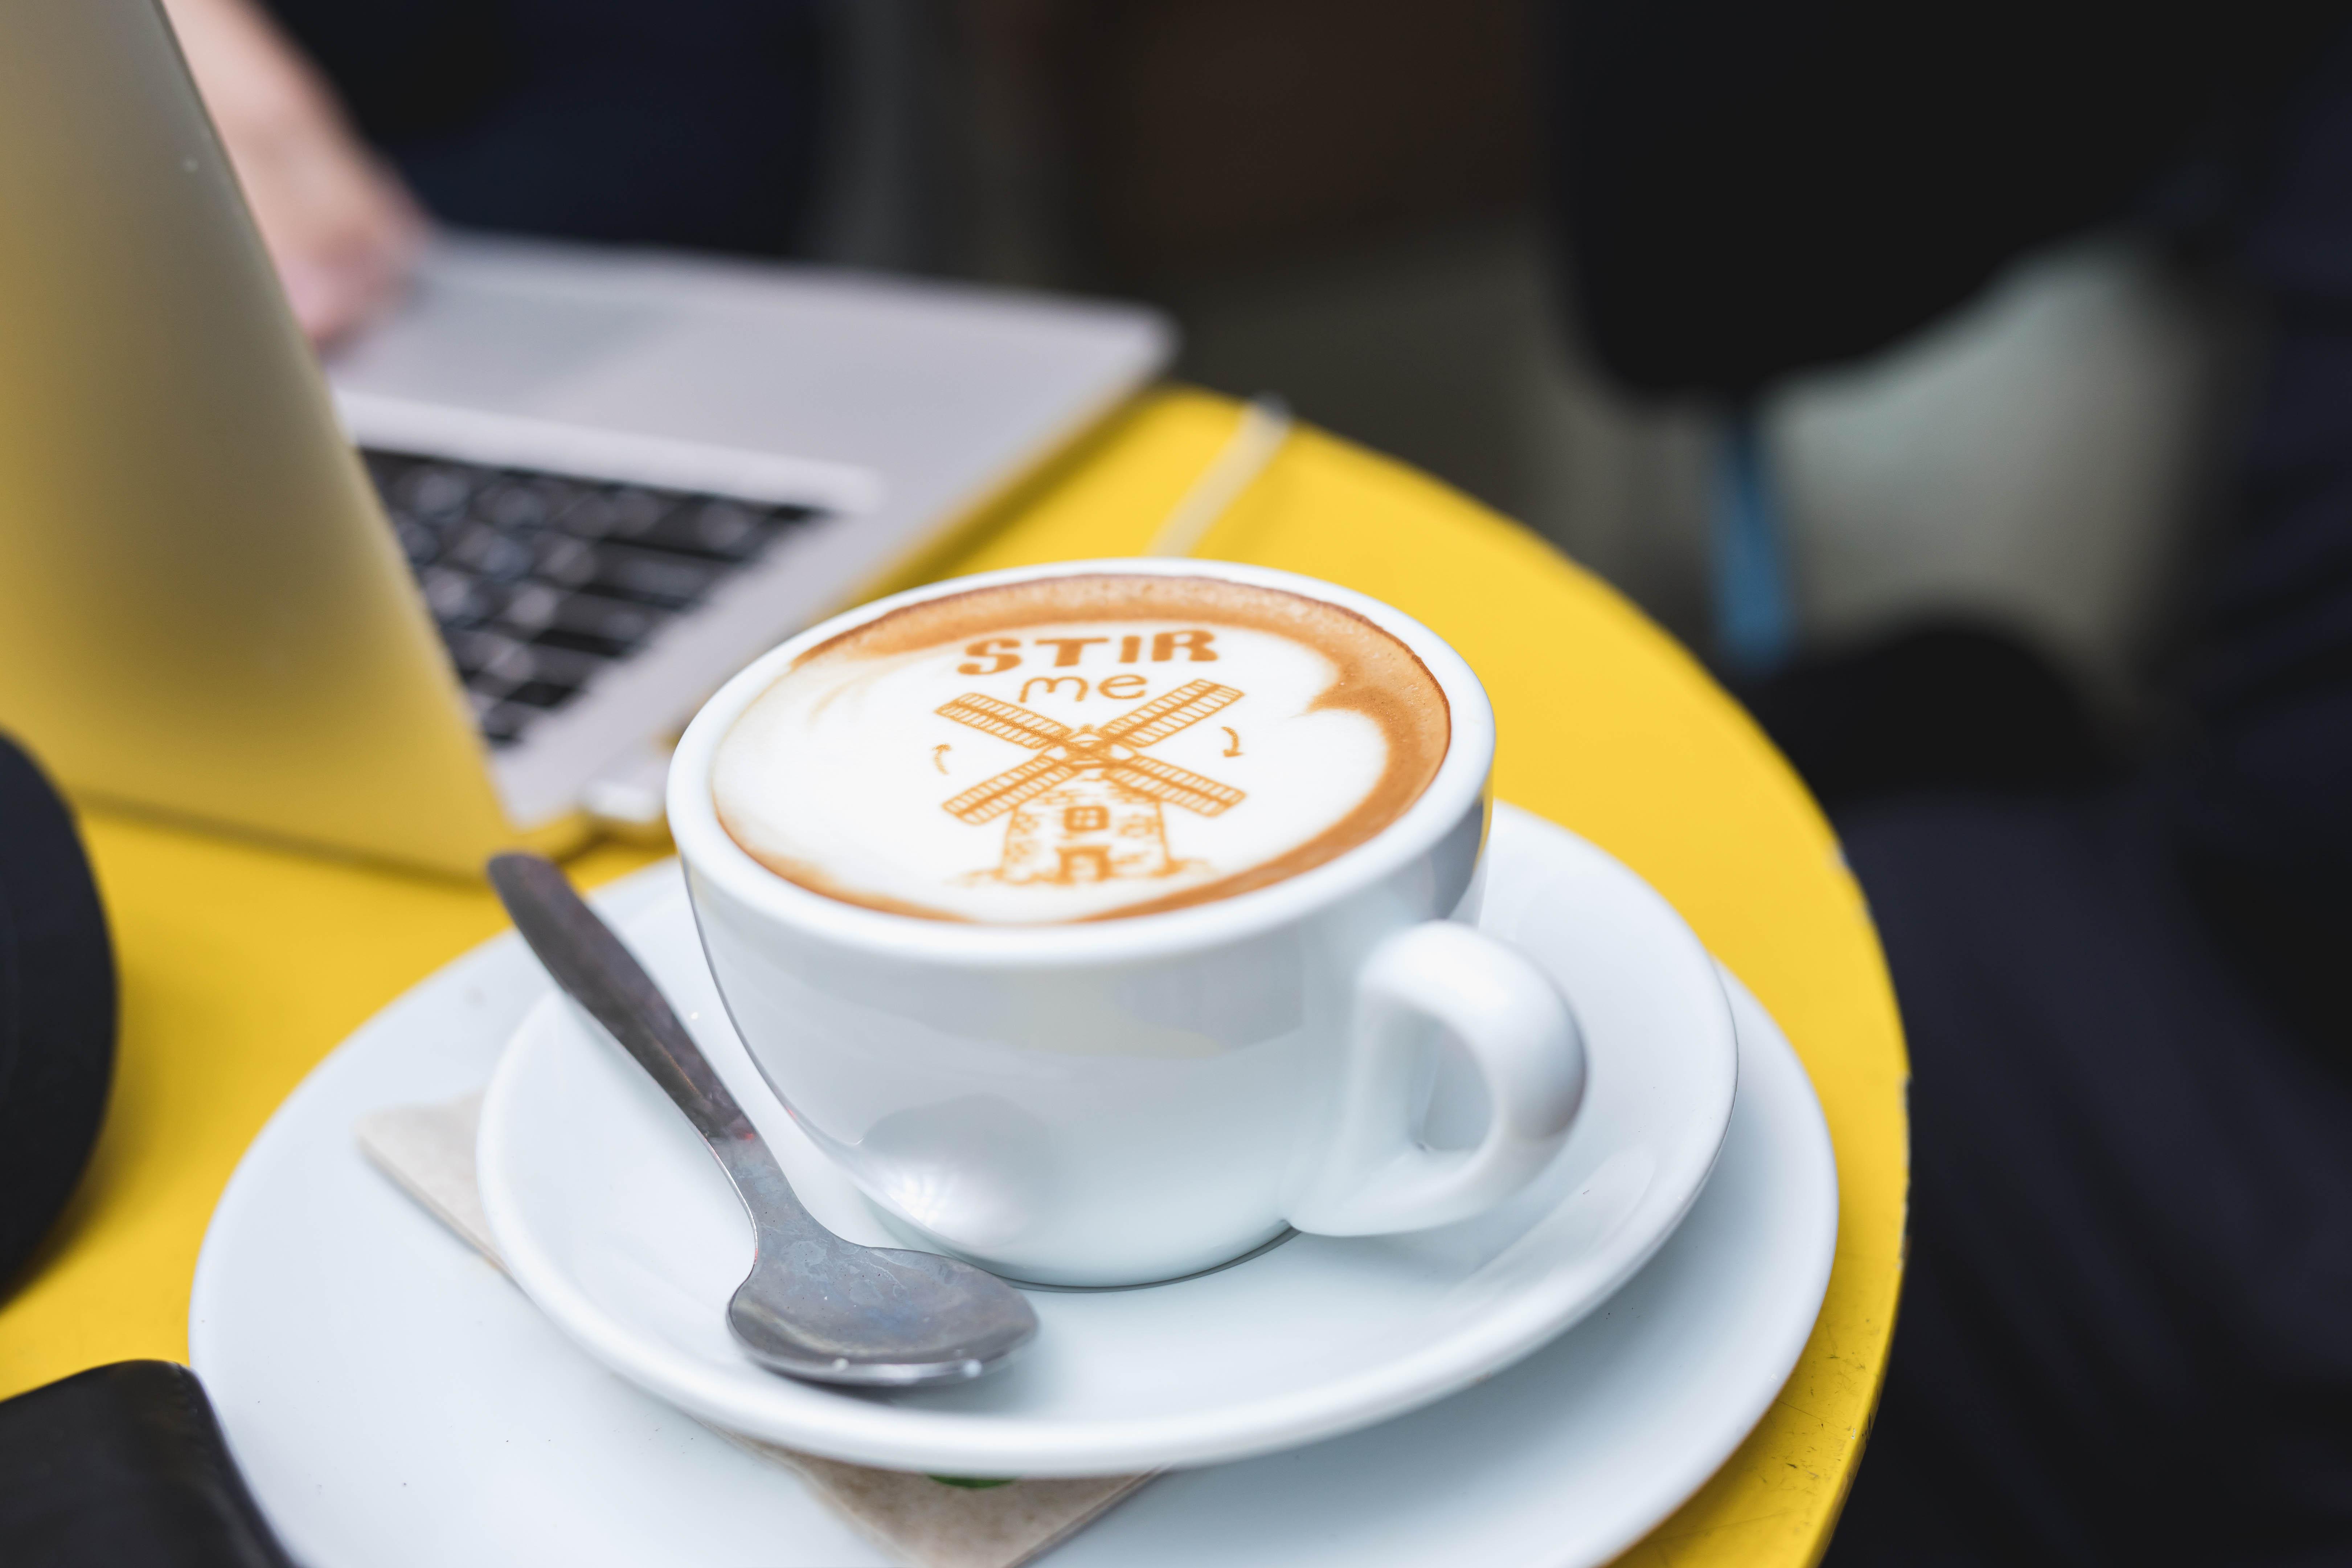 מפתיעים בקפה גרג: אז מה תרצו לרשום על הקפה המוגש?